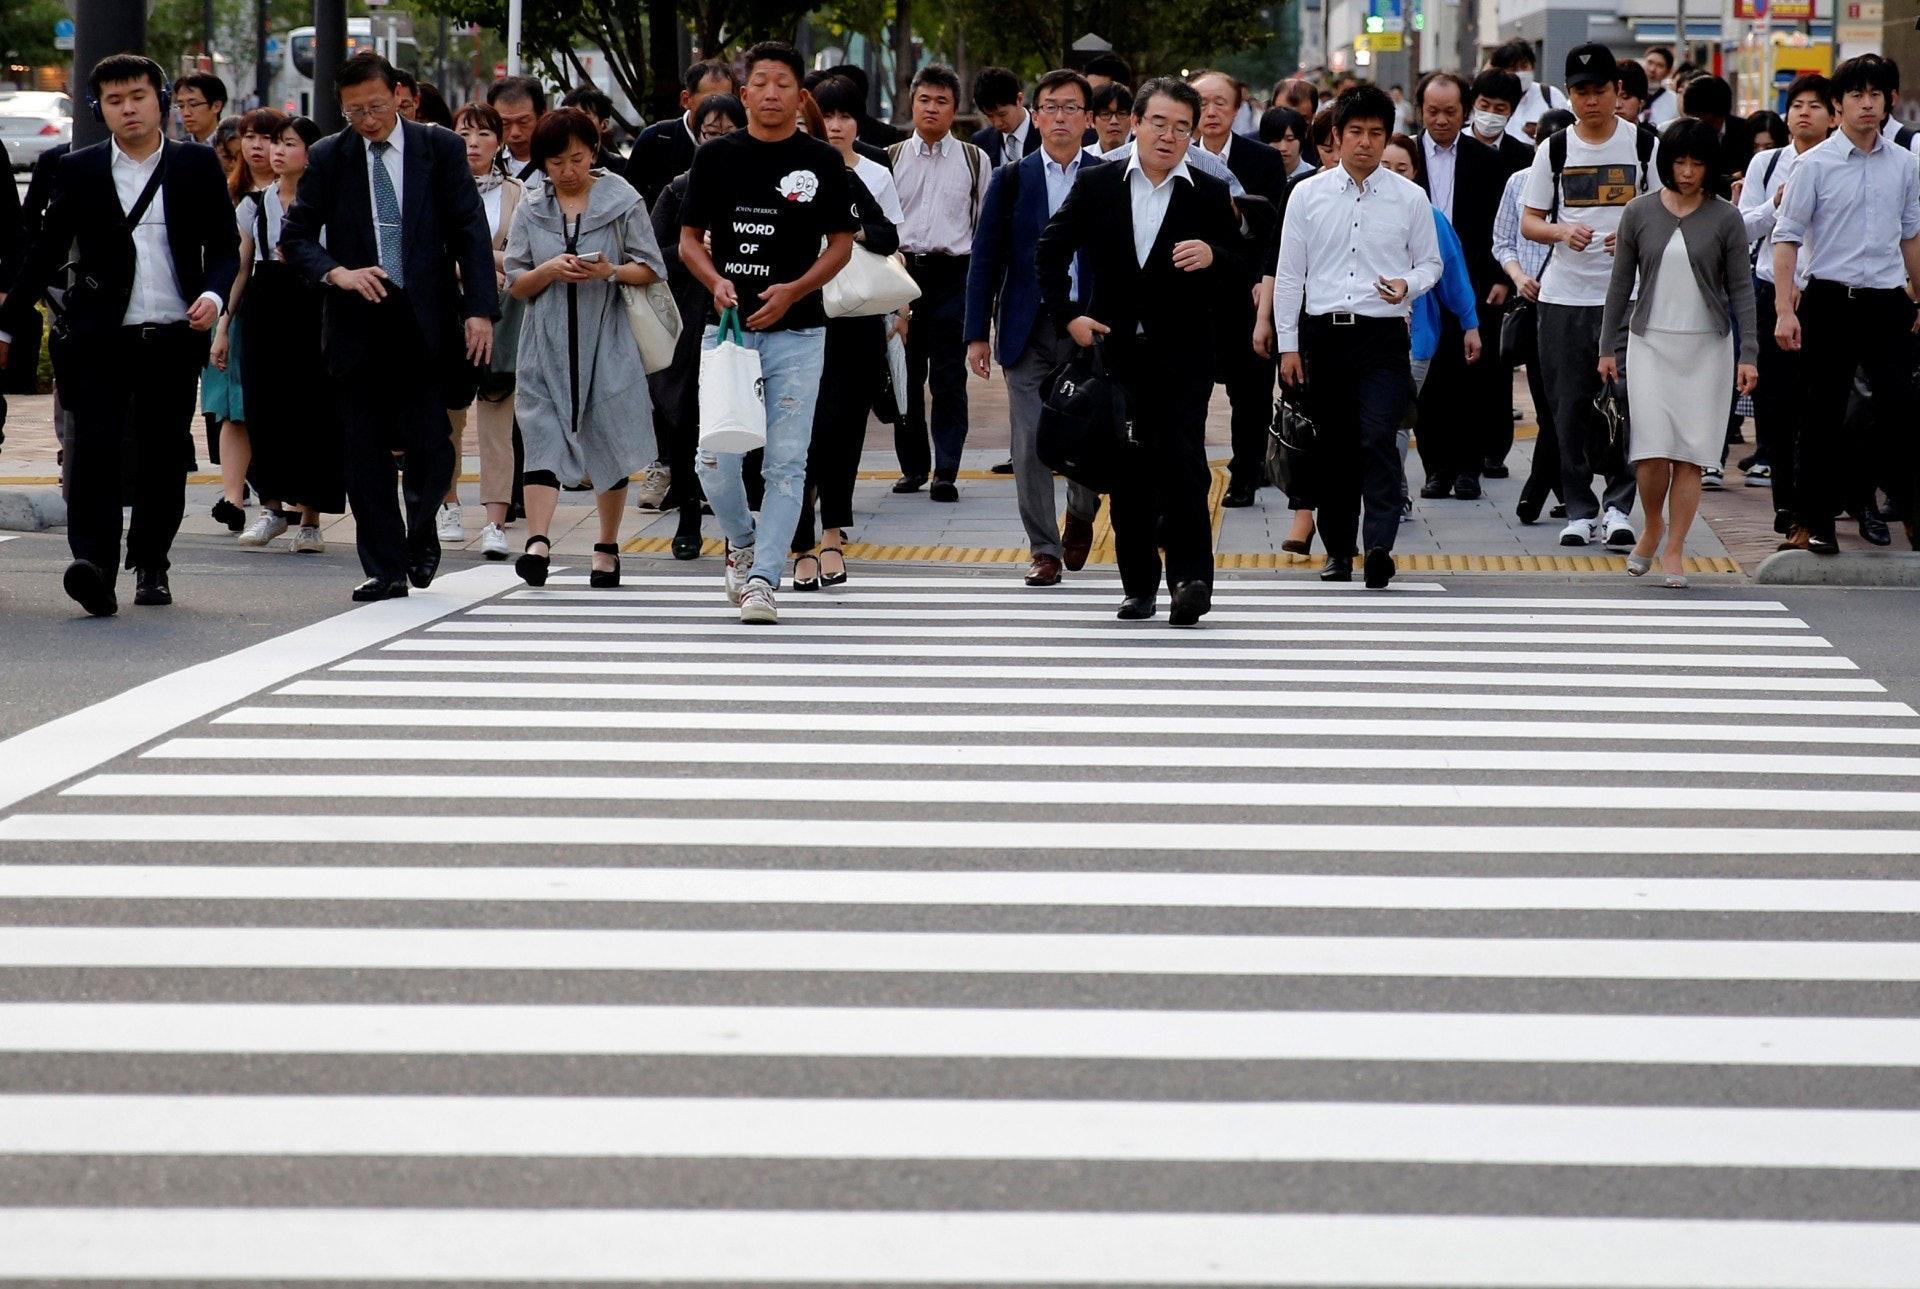 日本政府有意吸納更多外勞,但有意見指當地人較抗拒。(路透社)